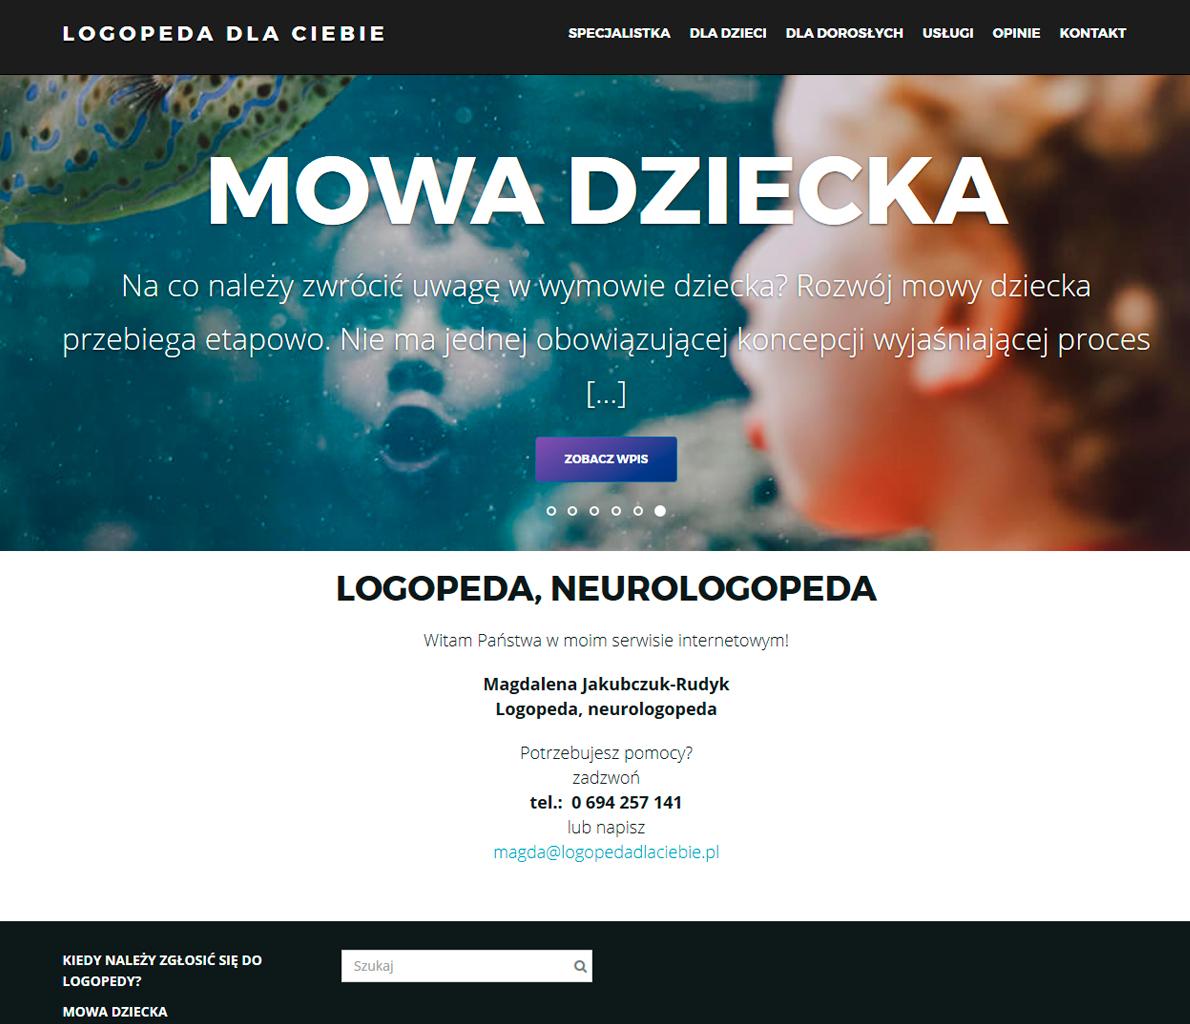 Logopeda dla ciebie - strona internetowa